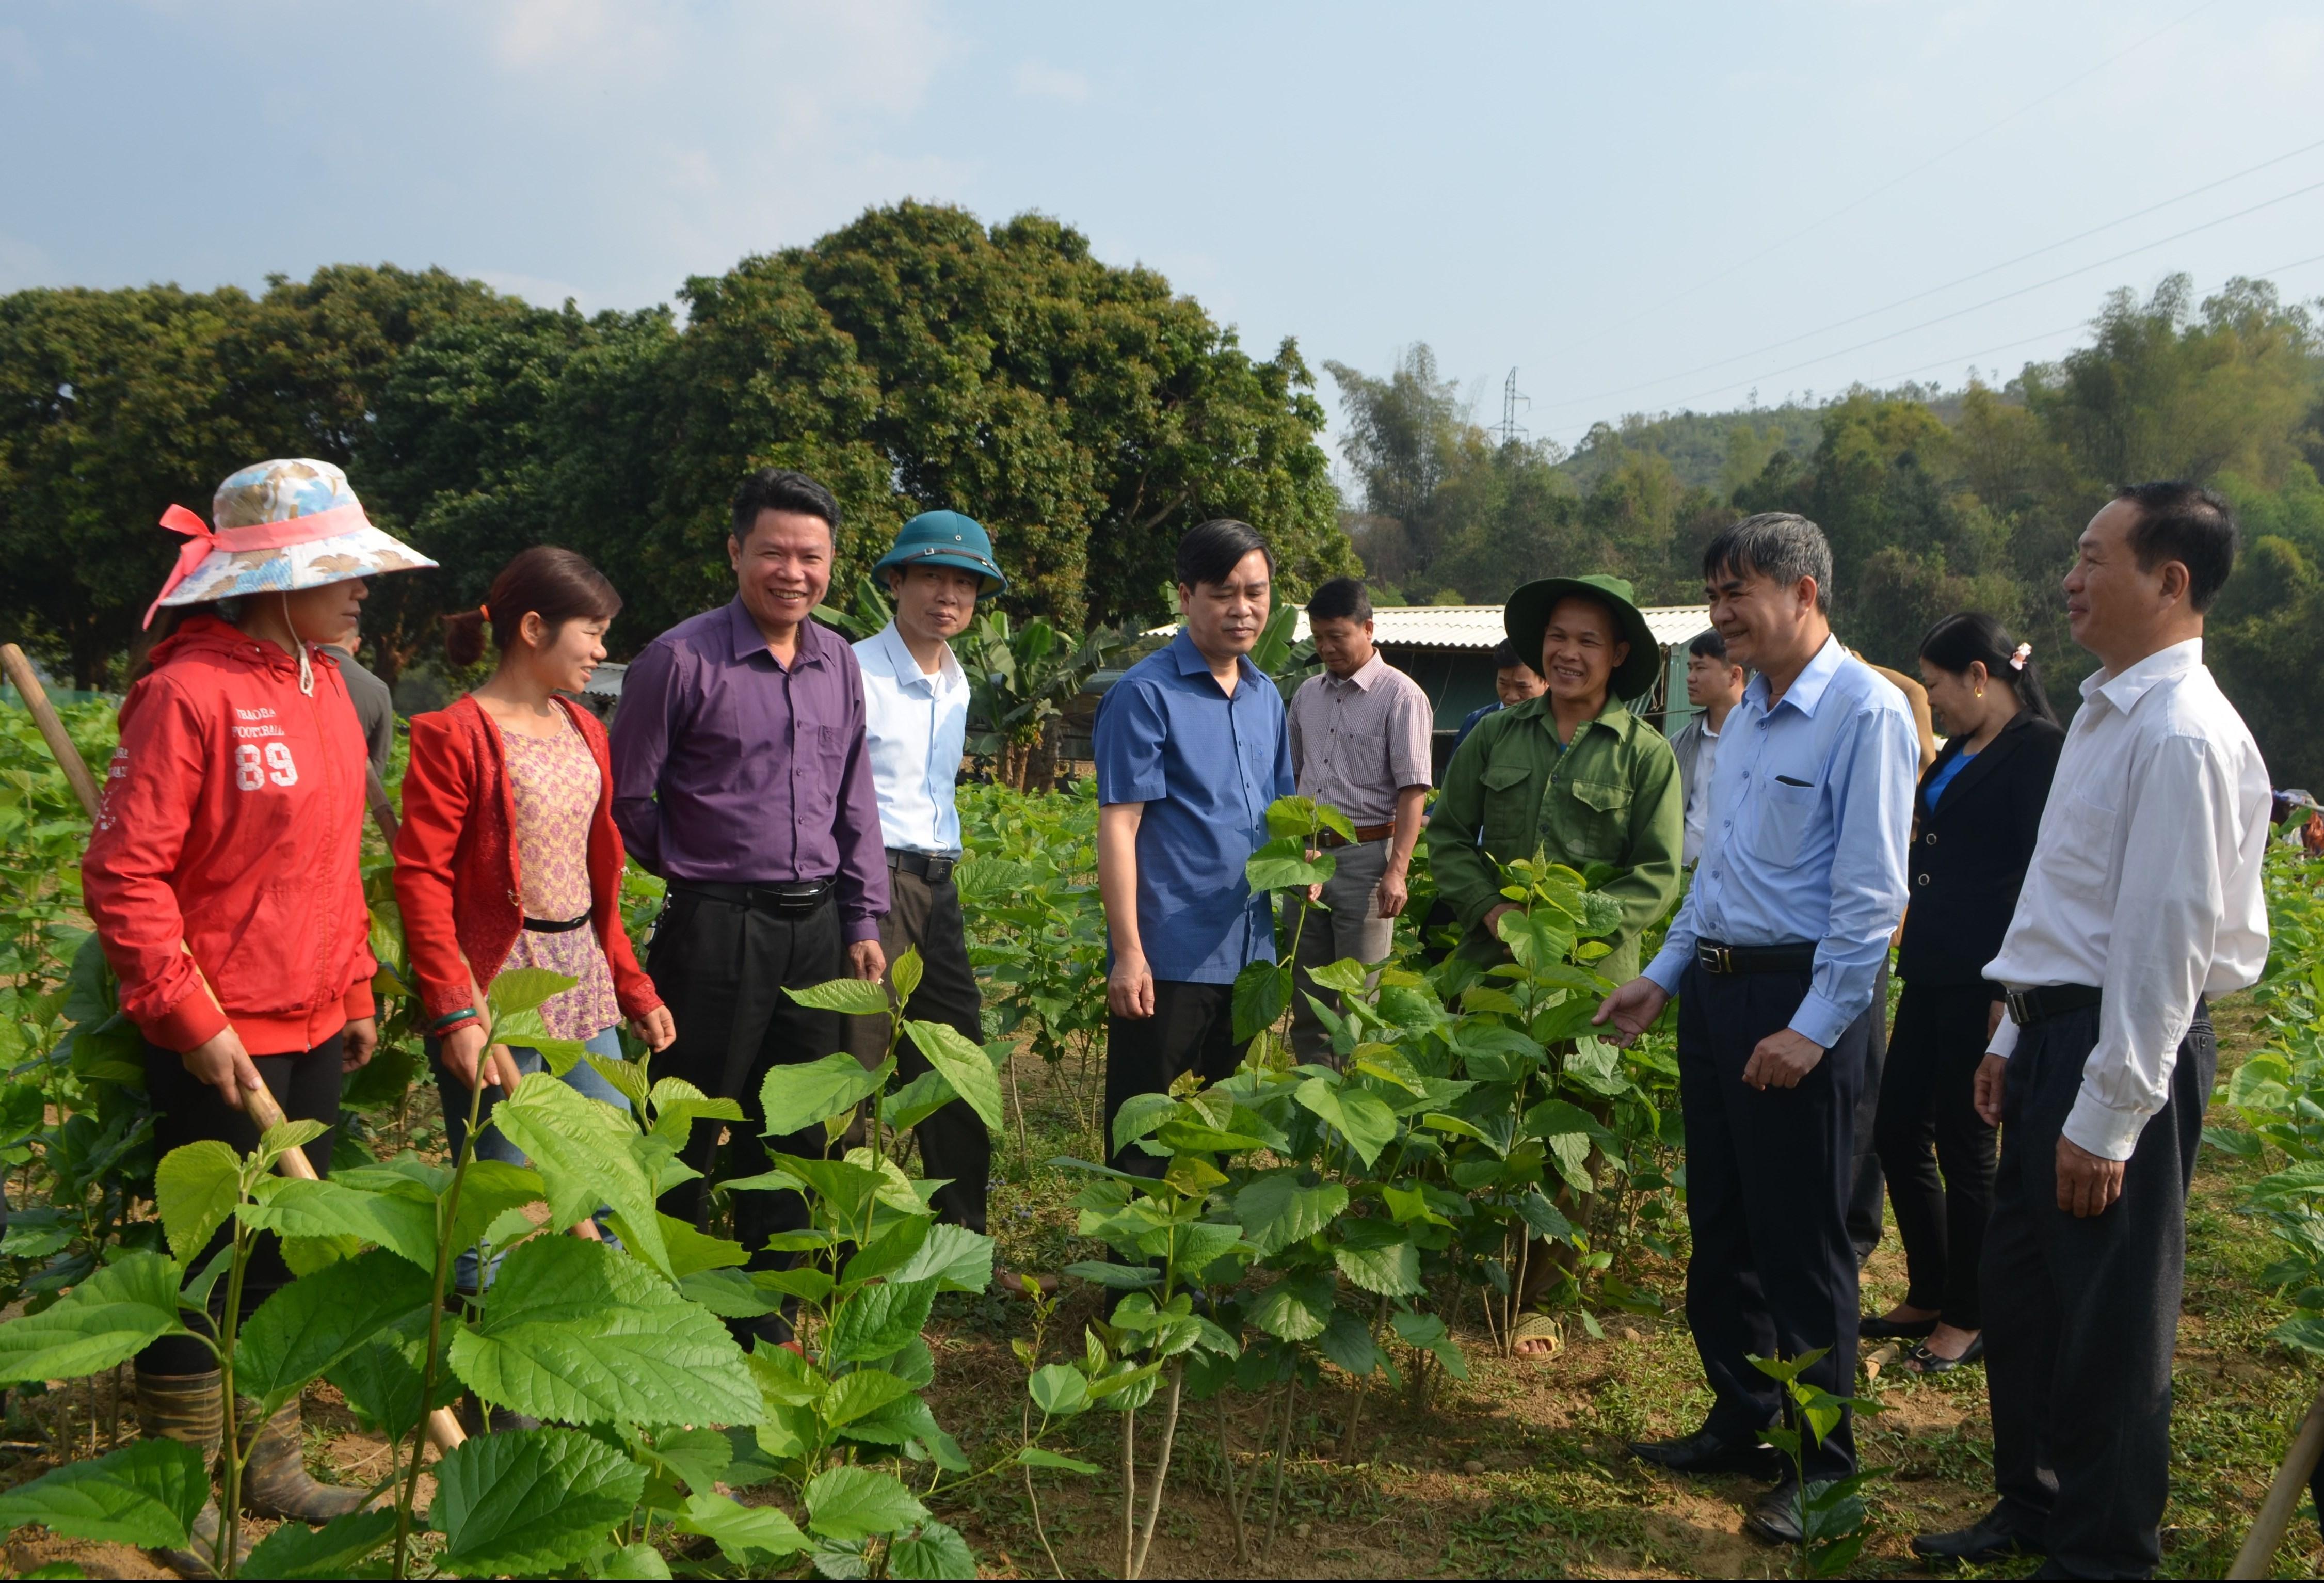 Ông Chu Đình Ngữ, Bí thư Huyện ủy (thứ 3 từ bên trái) và ông Mai Trọng Tuân, Phó Bí thư, Chủ tịch UBND huyện Văn Chấn (thứ 5 từ bên phải) cùng cán bộ huyện thăm quan mô hình trồng dâu tại thị trấn nông trường Liên Sơn